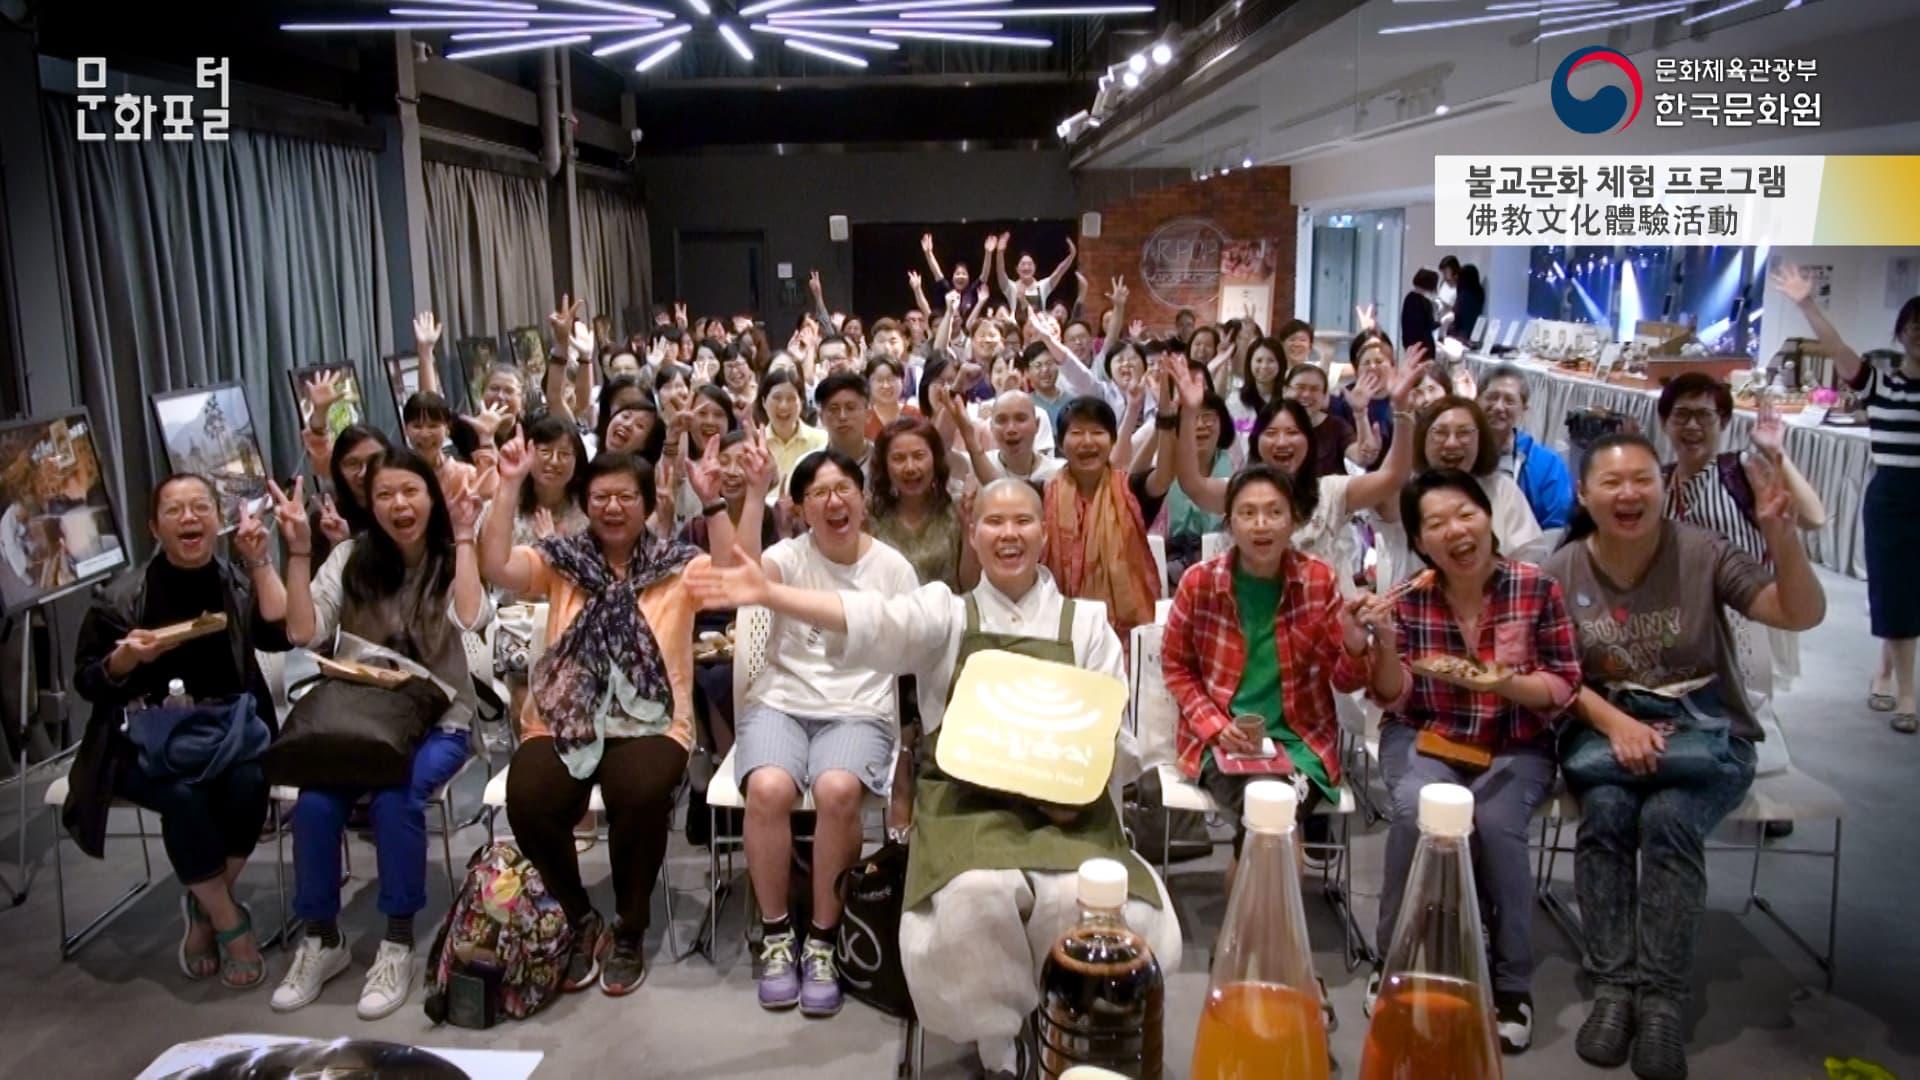 [홍콩/해외문화PD] 불교문화 체험 프로그램